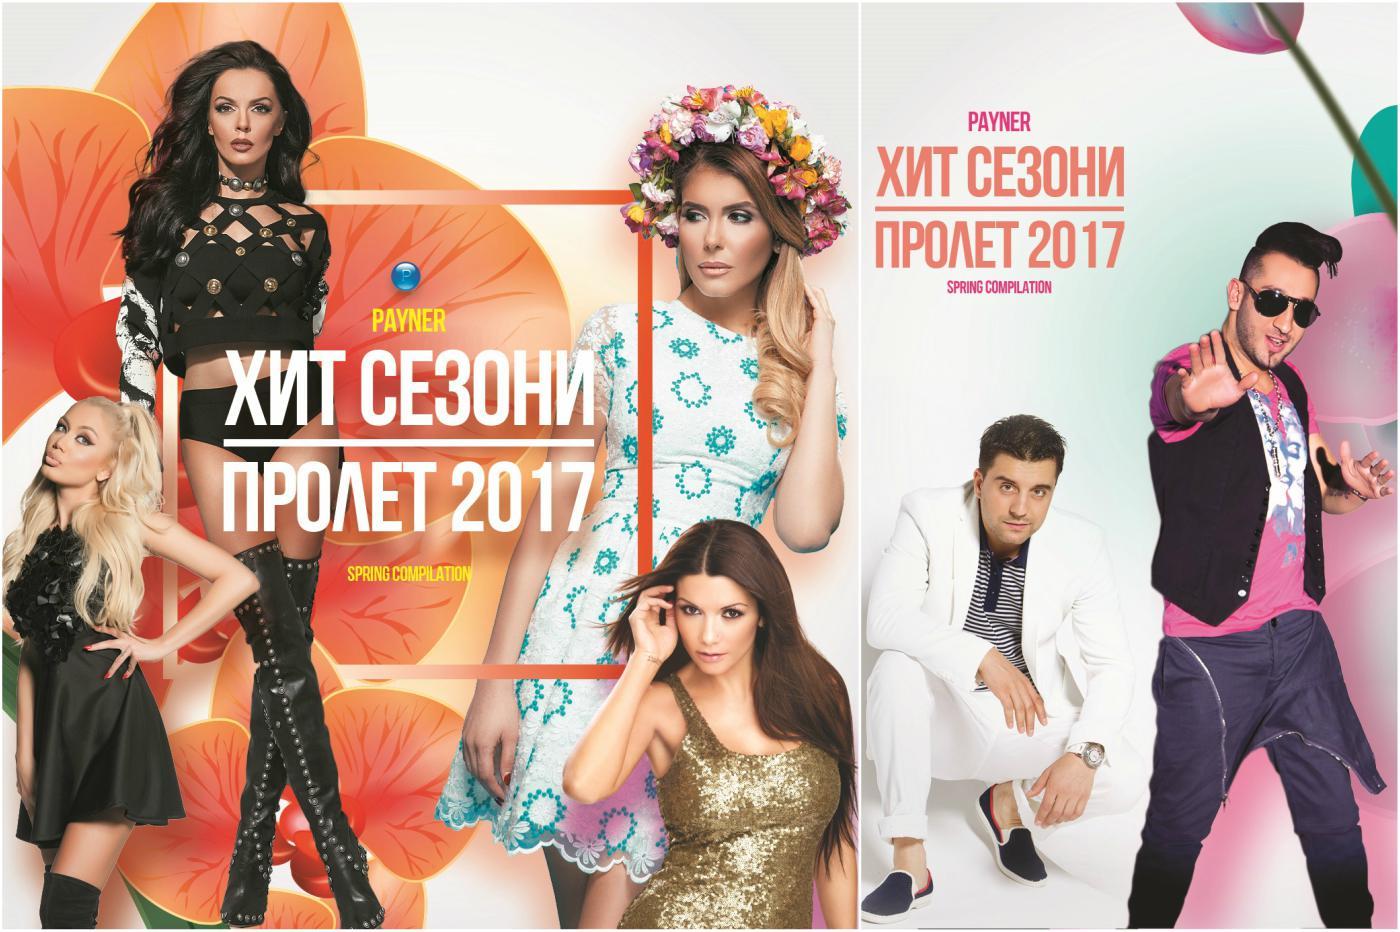 """""""Пайнер хит сезони - пролет 2017"""" вече е факт"""